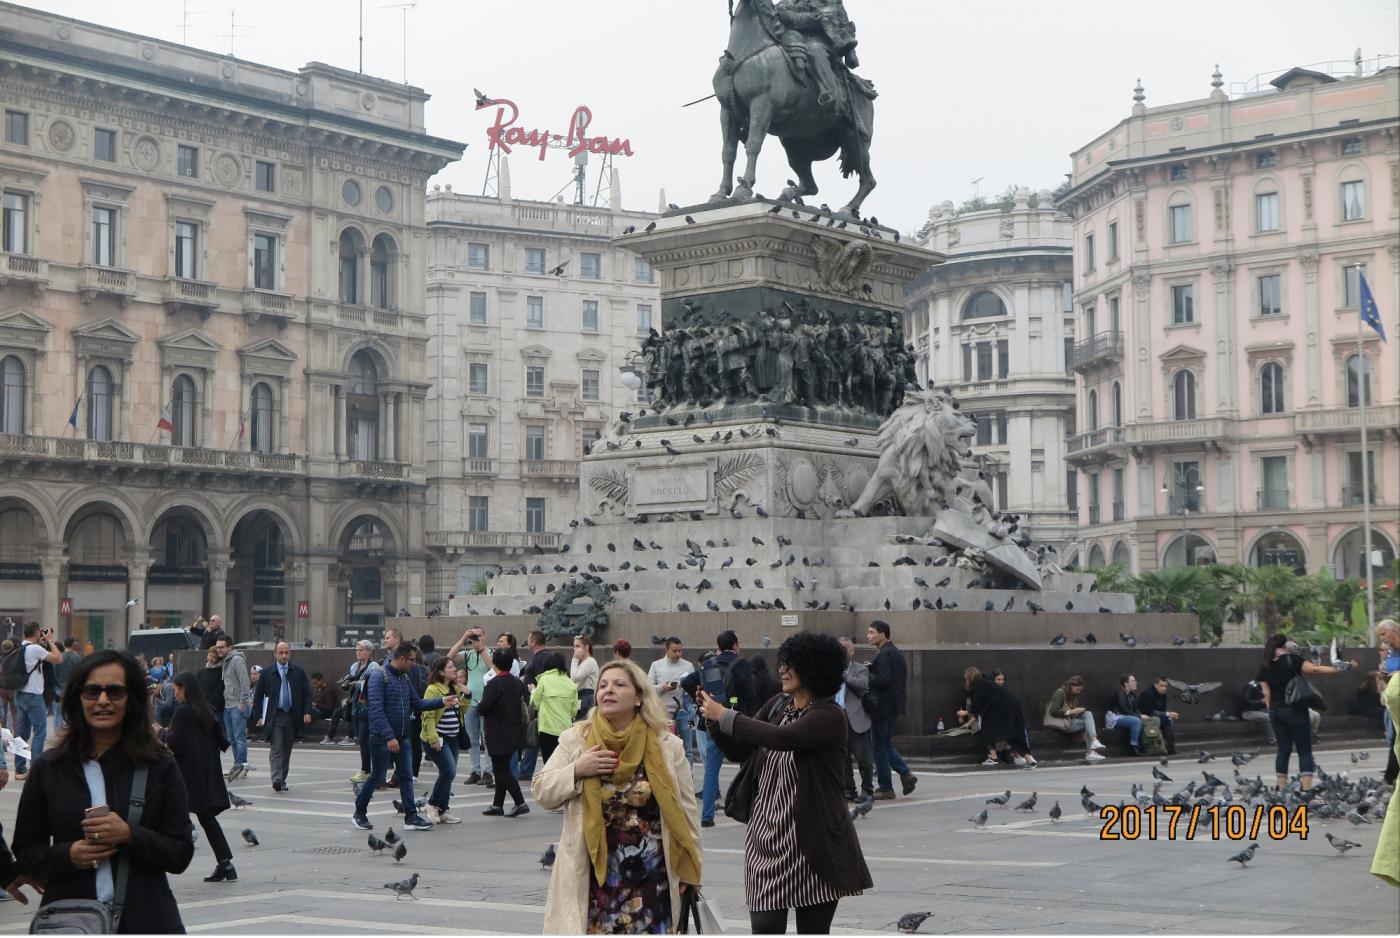 乐趣无穷:抓怕意大利街头的形形色色_图1-7